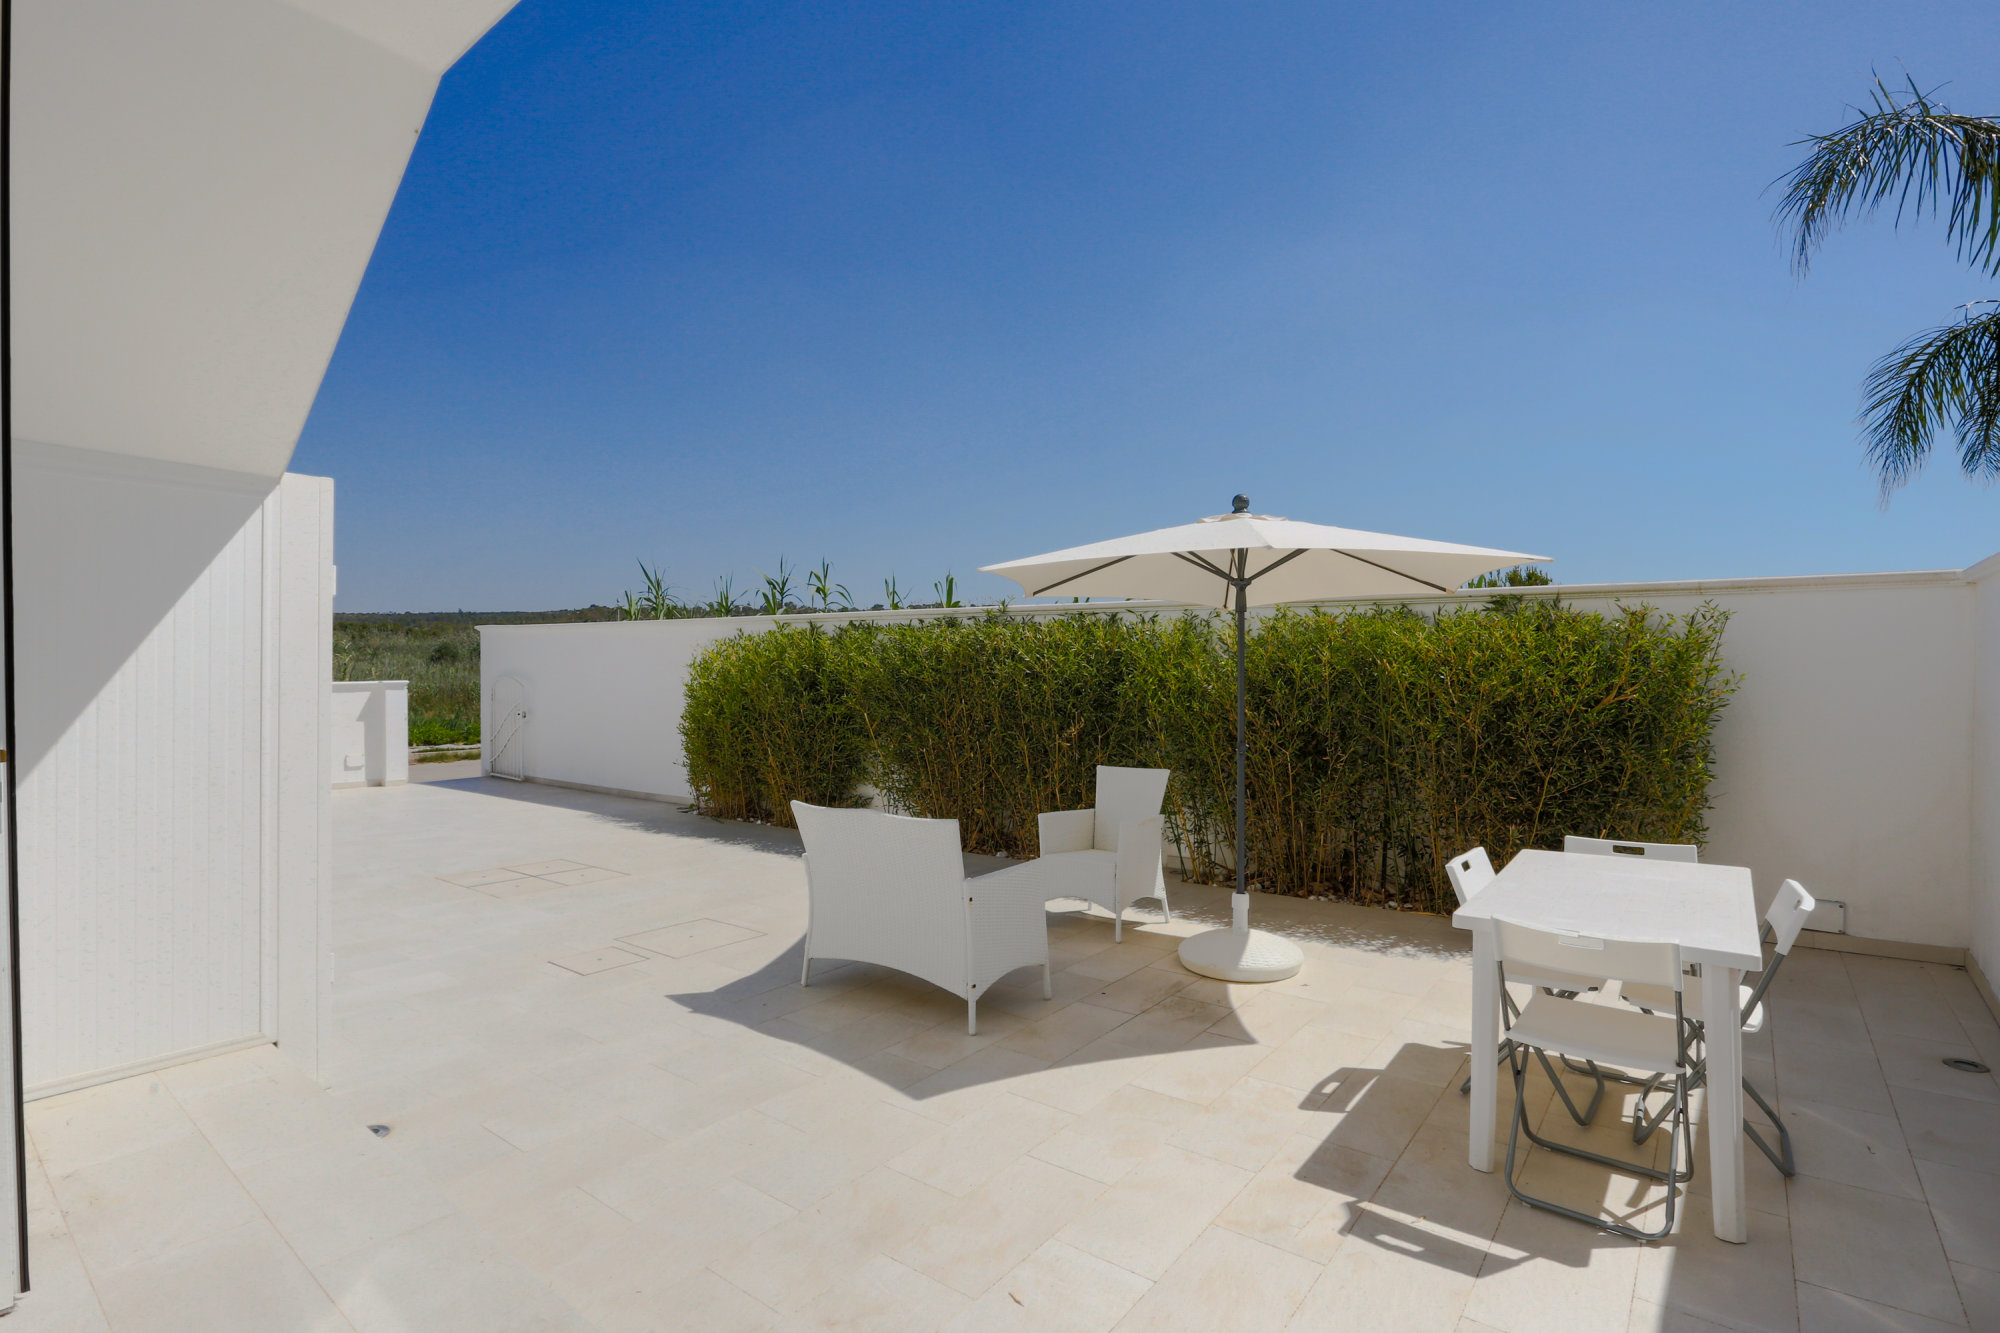 Villetta con 2 mini appartamenti, con giardino a 100 metri dalla spiaggia - Ugento